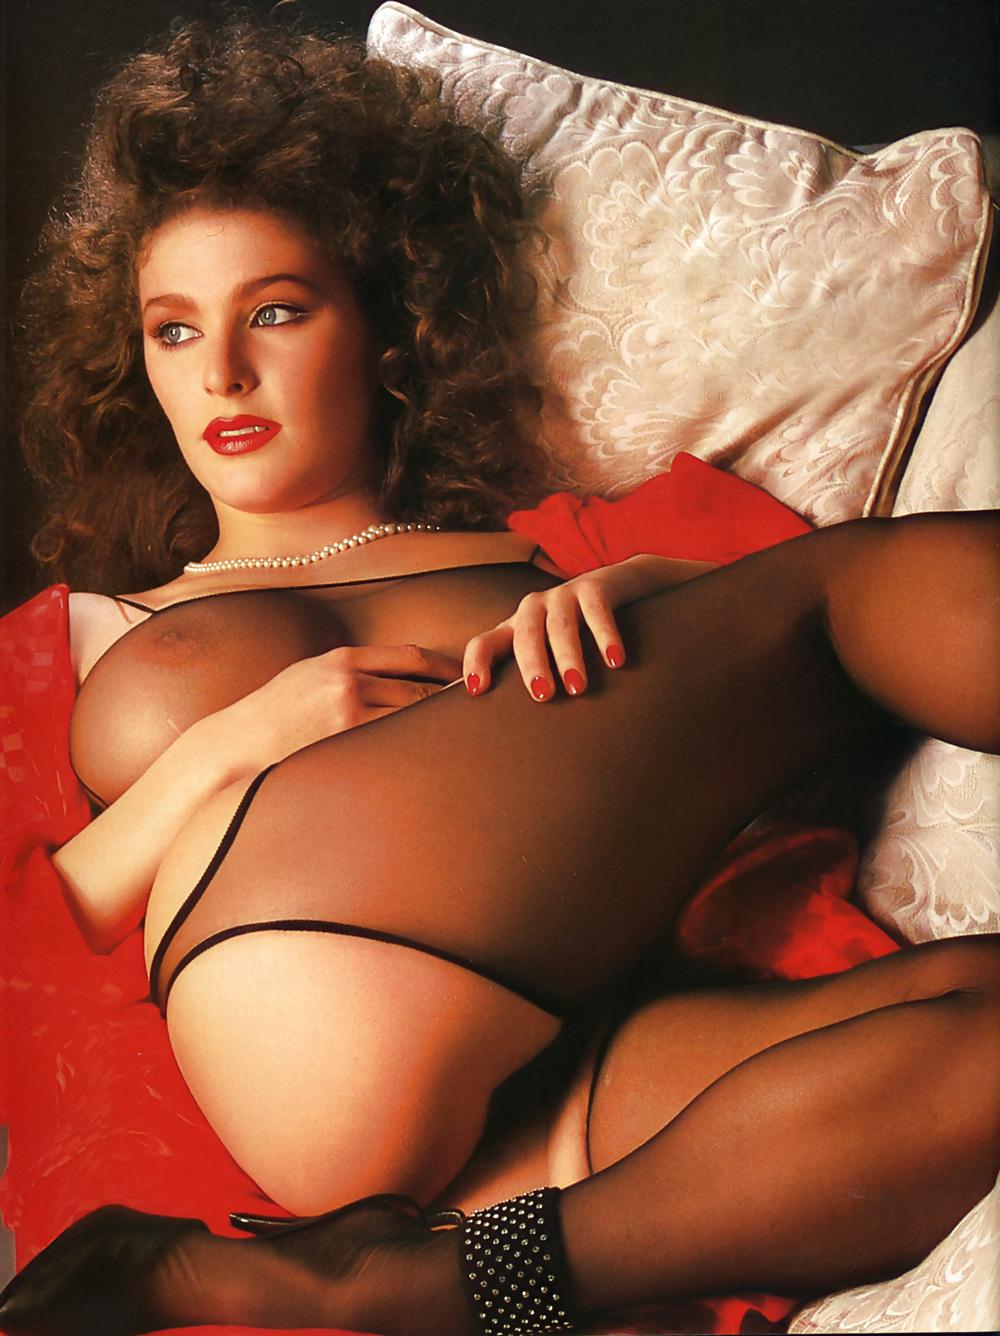 Jade Baker Nude Pictures Galleries